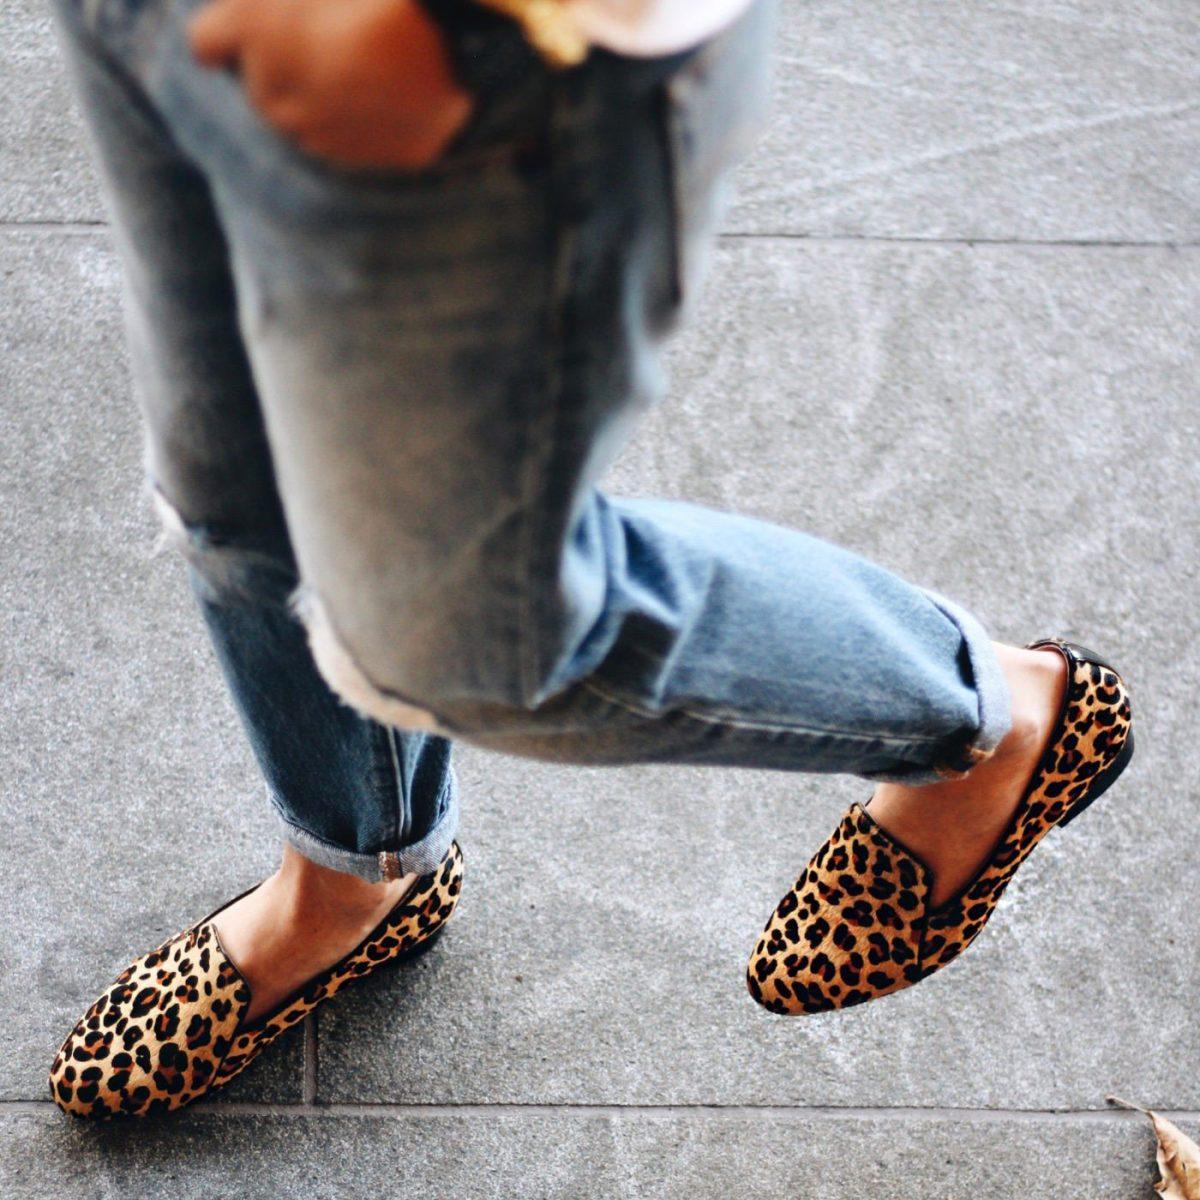 с чем носить джинсы: леопардовые лоферы